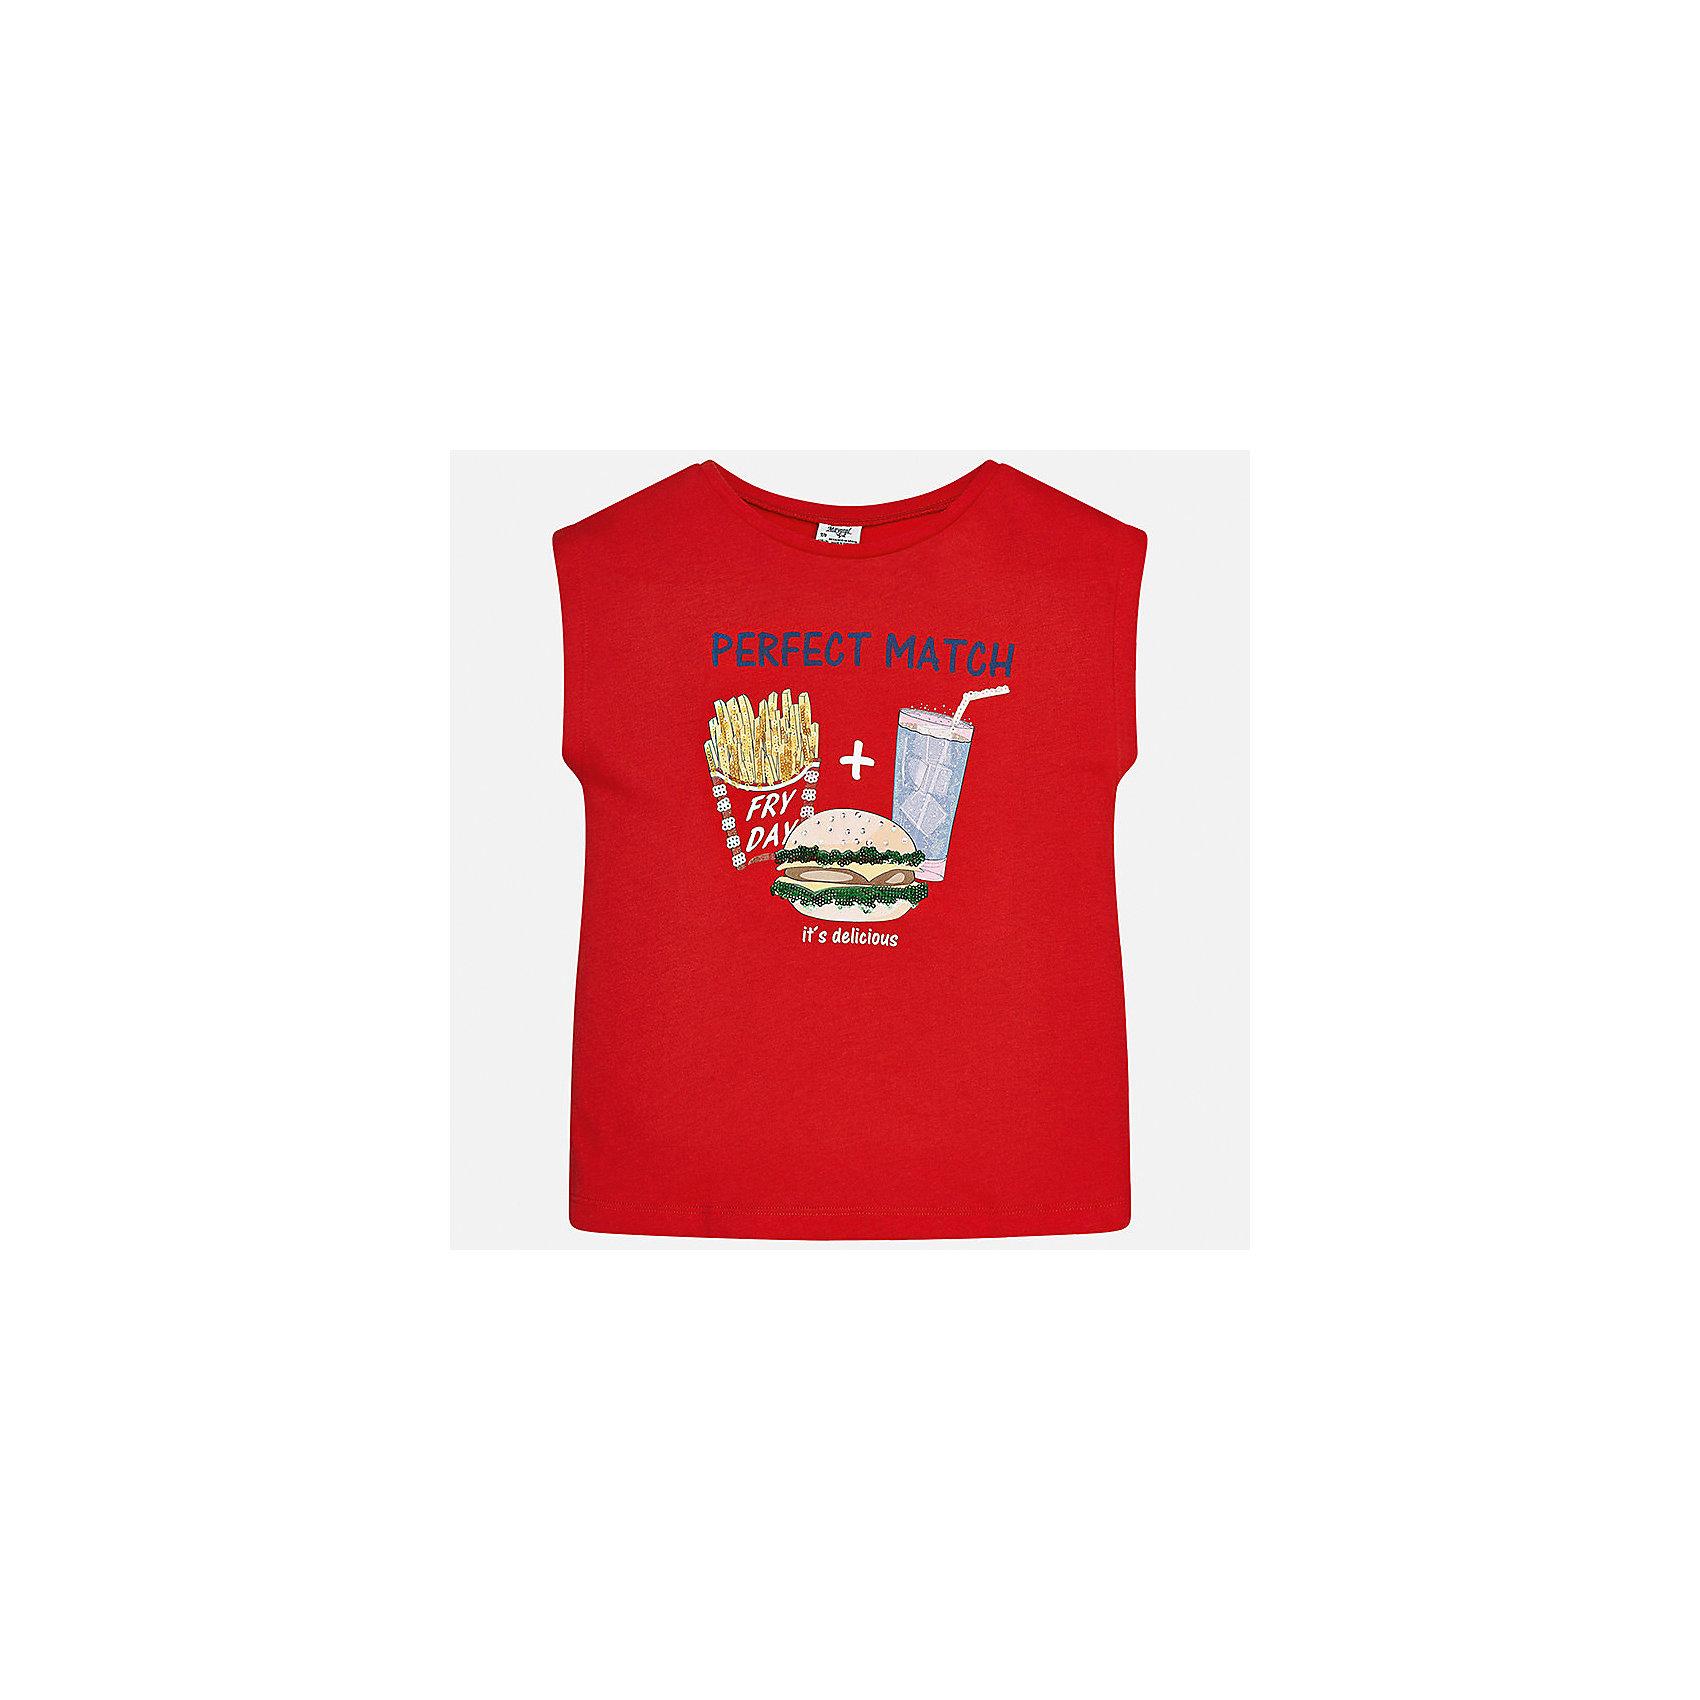 Футболка для девочки MayoralФутболки, поло и топы<br>Характеристики товара:<br><br>• цвет: красный<br>• состав: 50% хлопок, 50% модал<br>• спинка присборена<br>• декорирована принтом<br>• без рукавов<br>• страна бренда: Испания<br><br>Стильная оригинальная футболка для девочки поможет разнообразить гардероб ребенка и украсить наряд. Она отлично сочетается и с юбками, и с шортами, и с брюками. Универсальный цвет позволяет подобрать к вещи низ практически любой расцветки. Интересная отделка модели делает её нарядной и оригинальной. В составе материала - натуральный хлопок, гипоаллергенный, приятный на ощупь, дышащий.<br><br>Одежда, обувь и аксессуары от испанского бренда Mayoral полюбились детям и взрослым по всему миру. Модели этой марки - стильные и удобные. Для их производства используются только безопасные, качественные материалы и фурнитура. Порадуйте ребенка модными и красивыми вещами от Mayoral! <br><br>Футболку для девочки от испанского бренда Mayoral (Майорал) можно купить в нашем интернет-магазине.<br><br>Ширина мм: 199<br>Глубина мм: 10<br>Высота мм: 161<br>Вес г: 151<br>Цвет: красный<br>Возраст от месяцев: 144<br>Возраст до месяцев: 156<br>Пол: Женский<br>Возраст: Детский<br>Размер: 158,152,140,128/134,170,164<br>SKU: 5300786